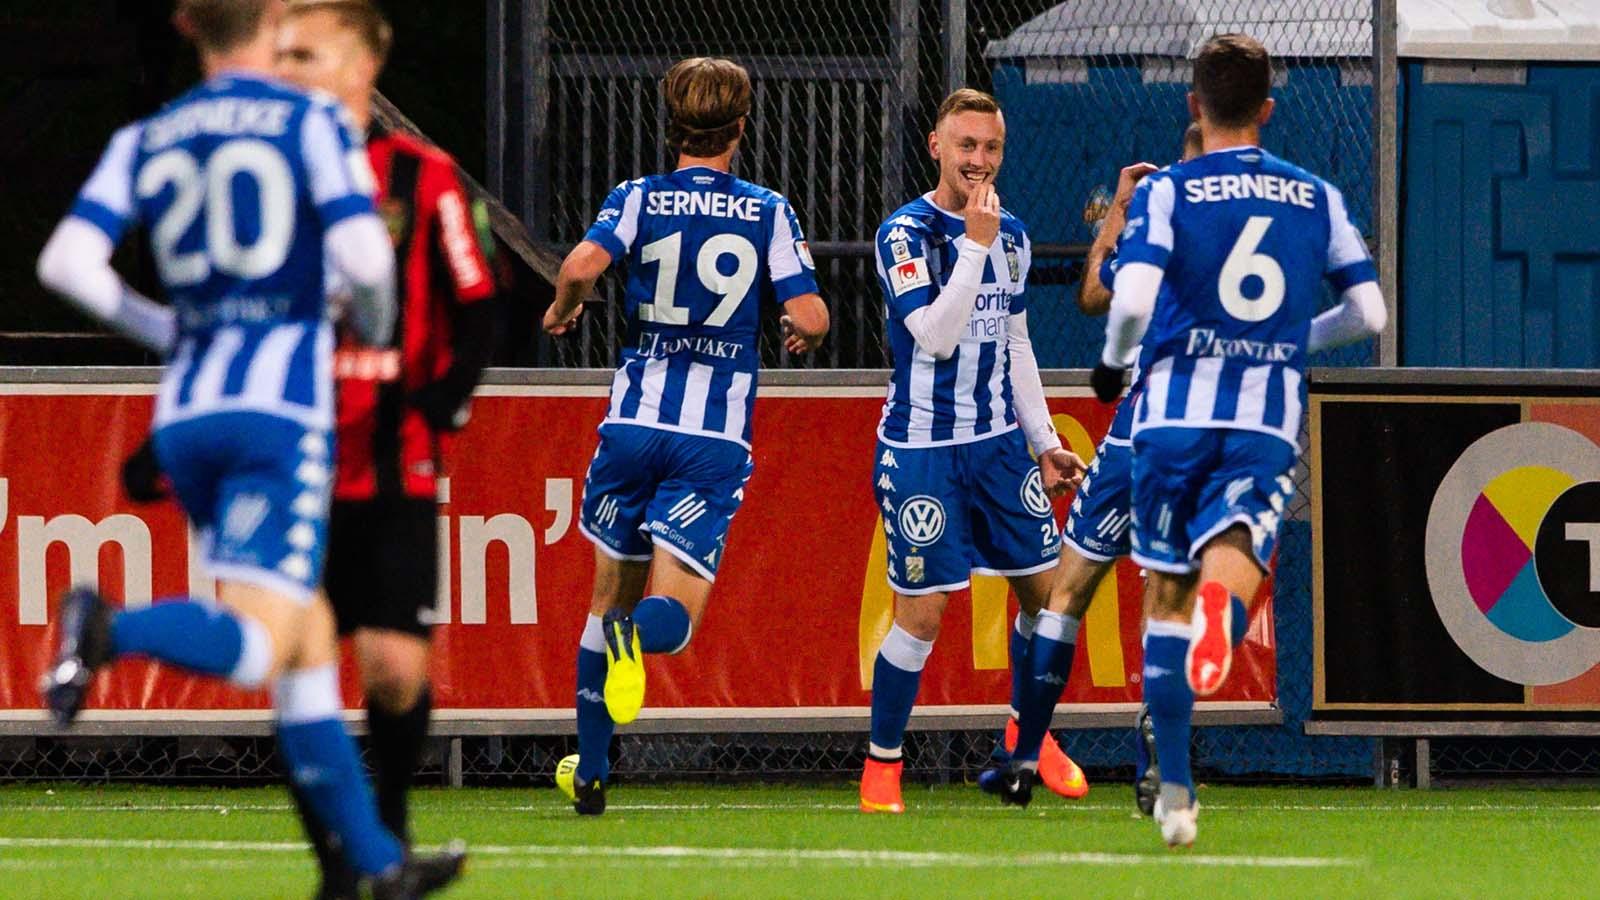 181022 IFK Göteborgs spelare jublar efter 1-0 under fotbollsmatchen i Allsvenskan mellan Brommapojkarna och IFK Göteborg den 22 oktober 2018 i Stockholm. Foto: Simon Hastegård / Bildbyrån / Cop 118